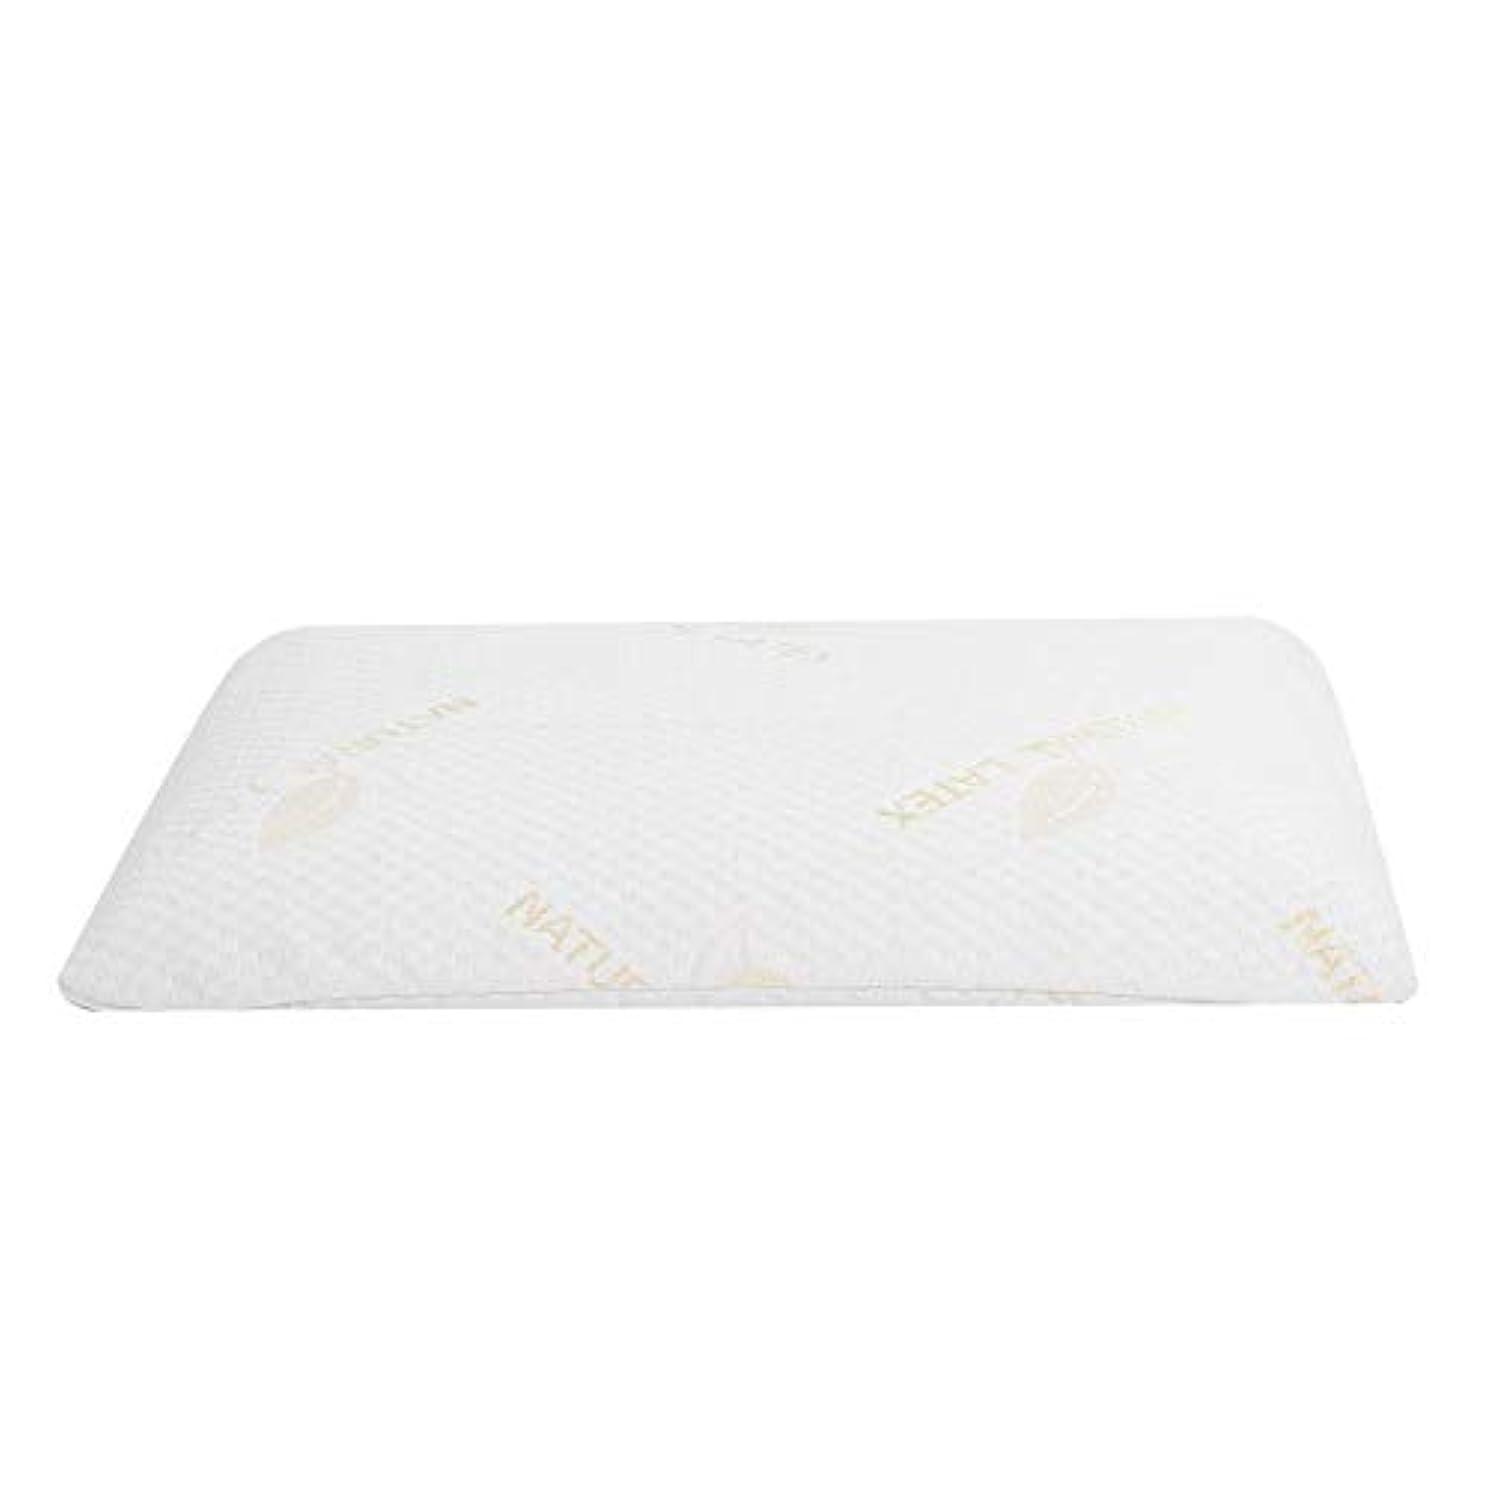 指紋嫌がるエスニックラテックス枕、首と肩の痛みのための睡眠の自然な高い整形外科顆粒マッサージデザインのための豪華な記憶枕